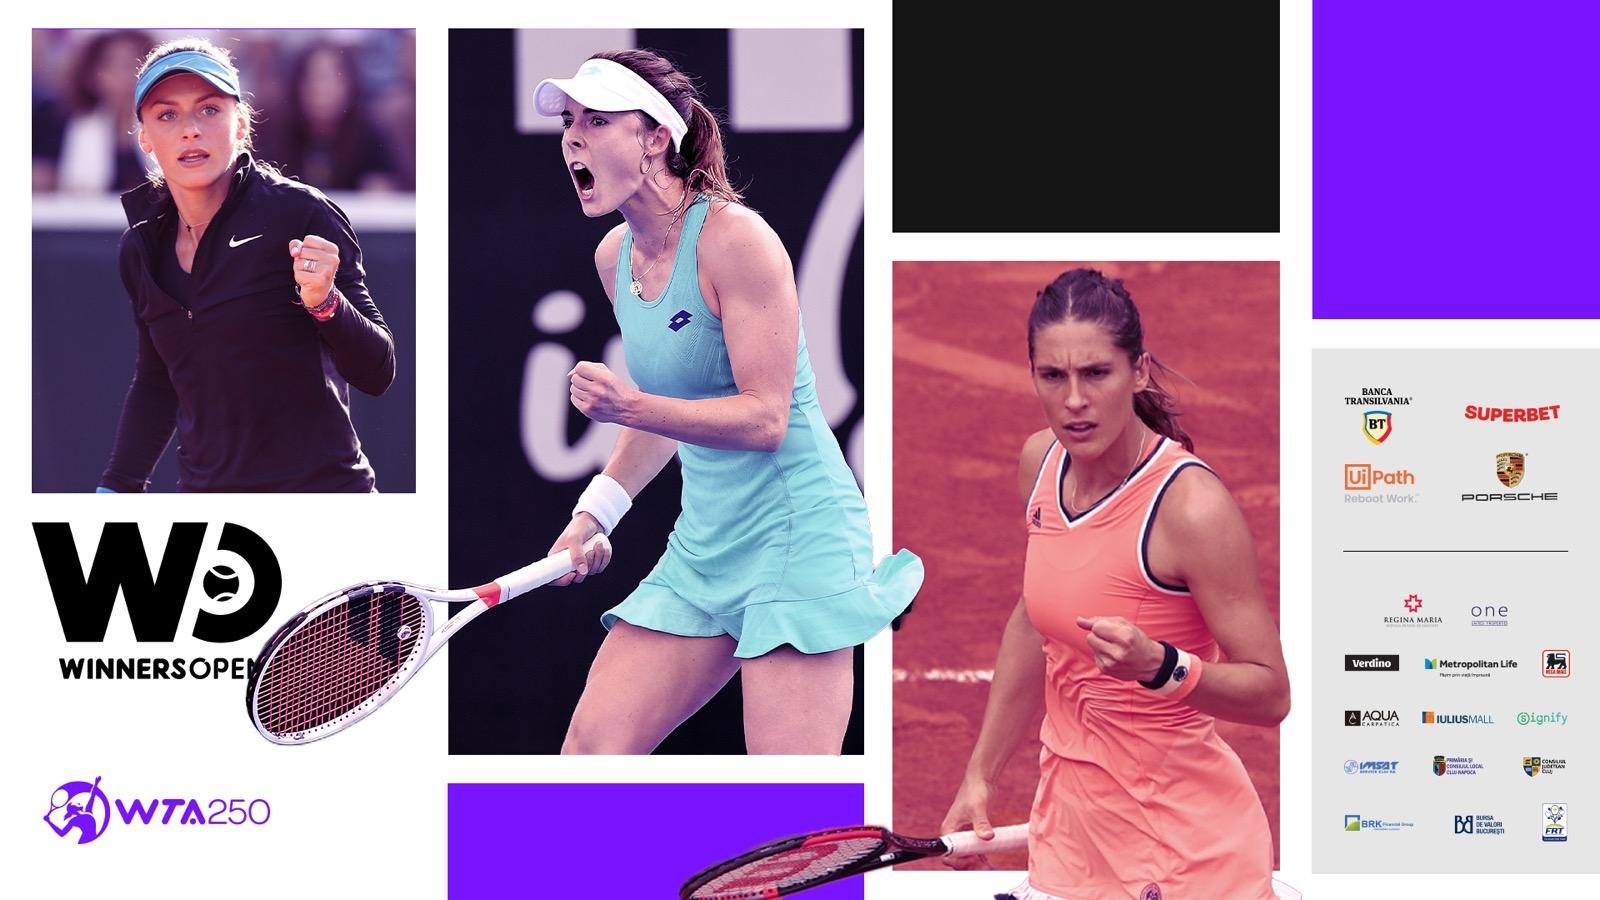 Winners Open WTA250